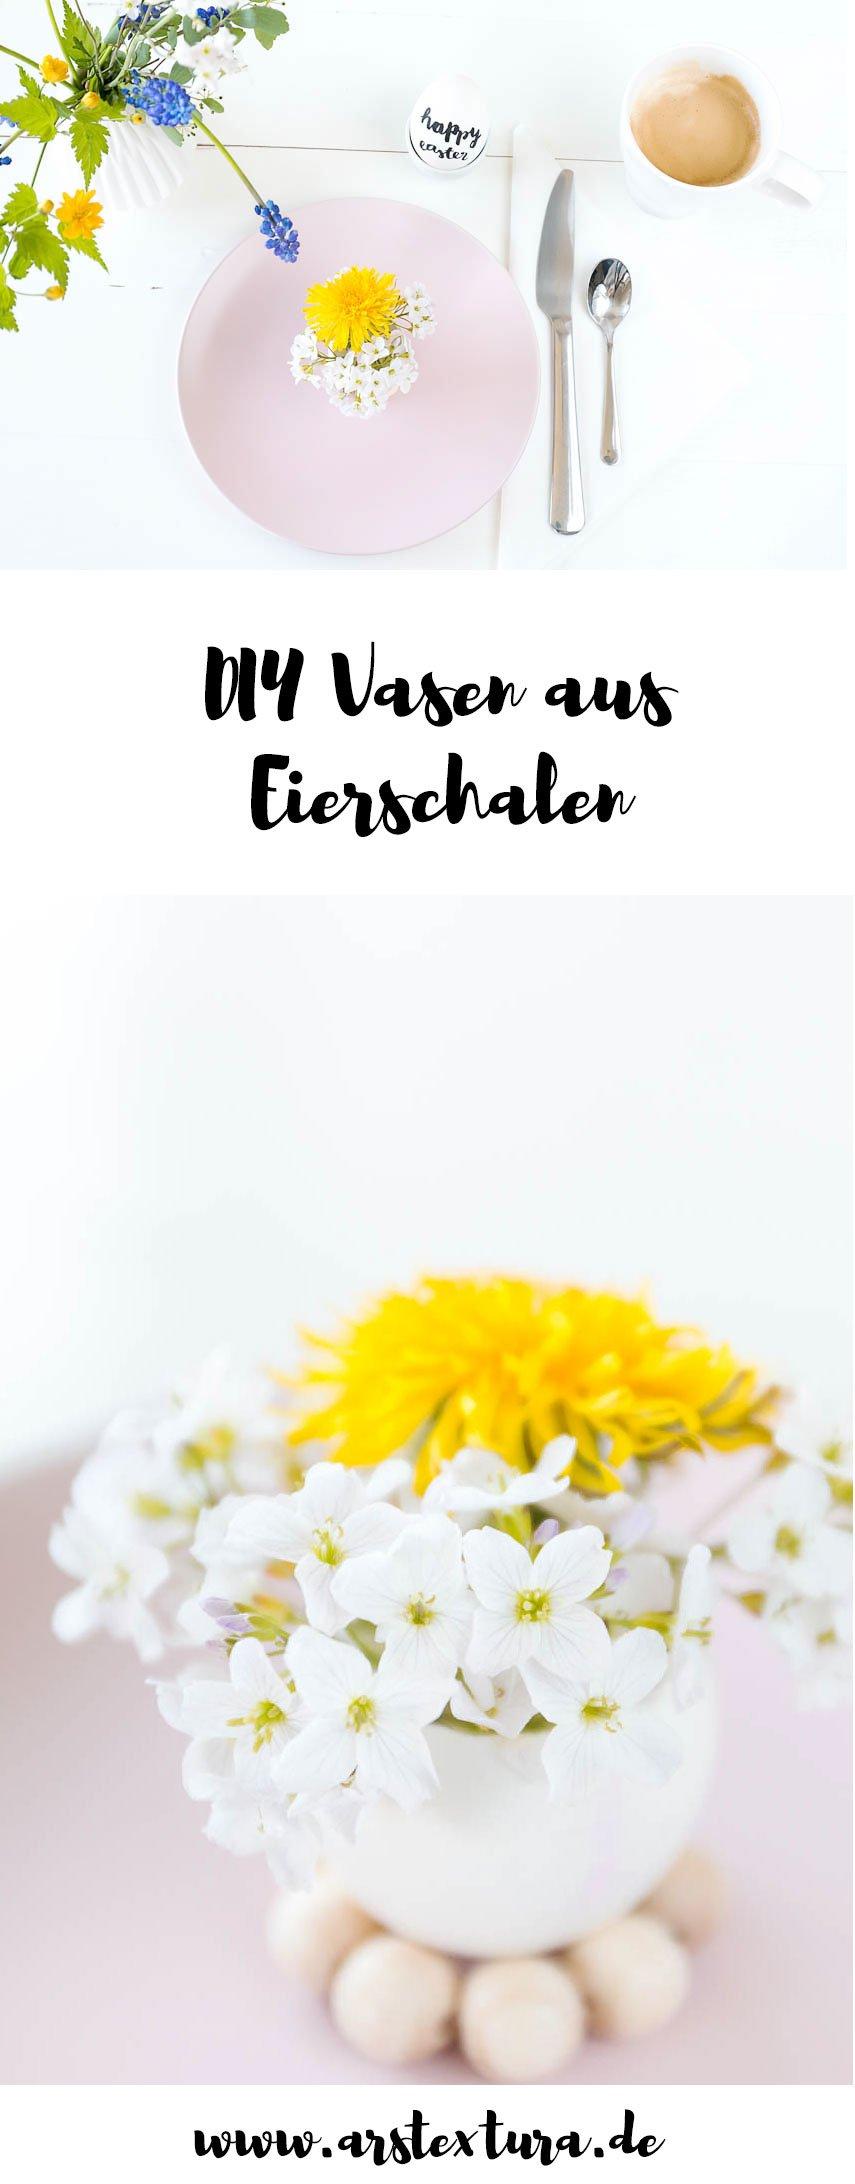 Tischdeko für Ostern mit DIY Eier-Vasen aus alten Eierschalen und Blumen aus dem Garten